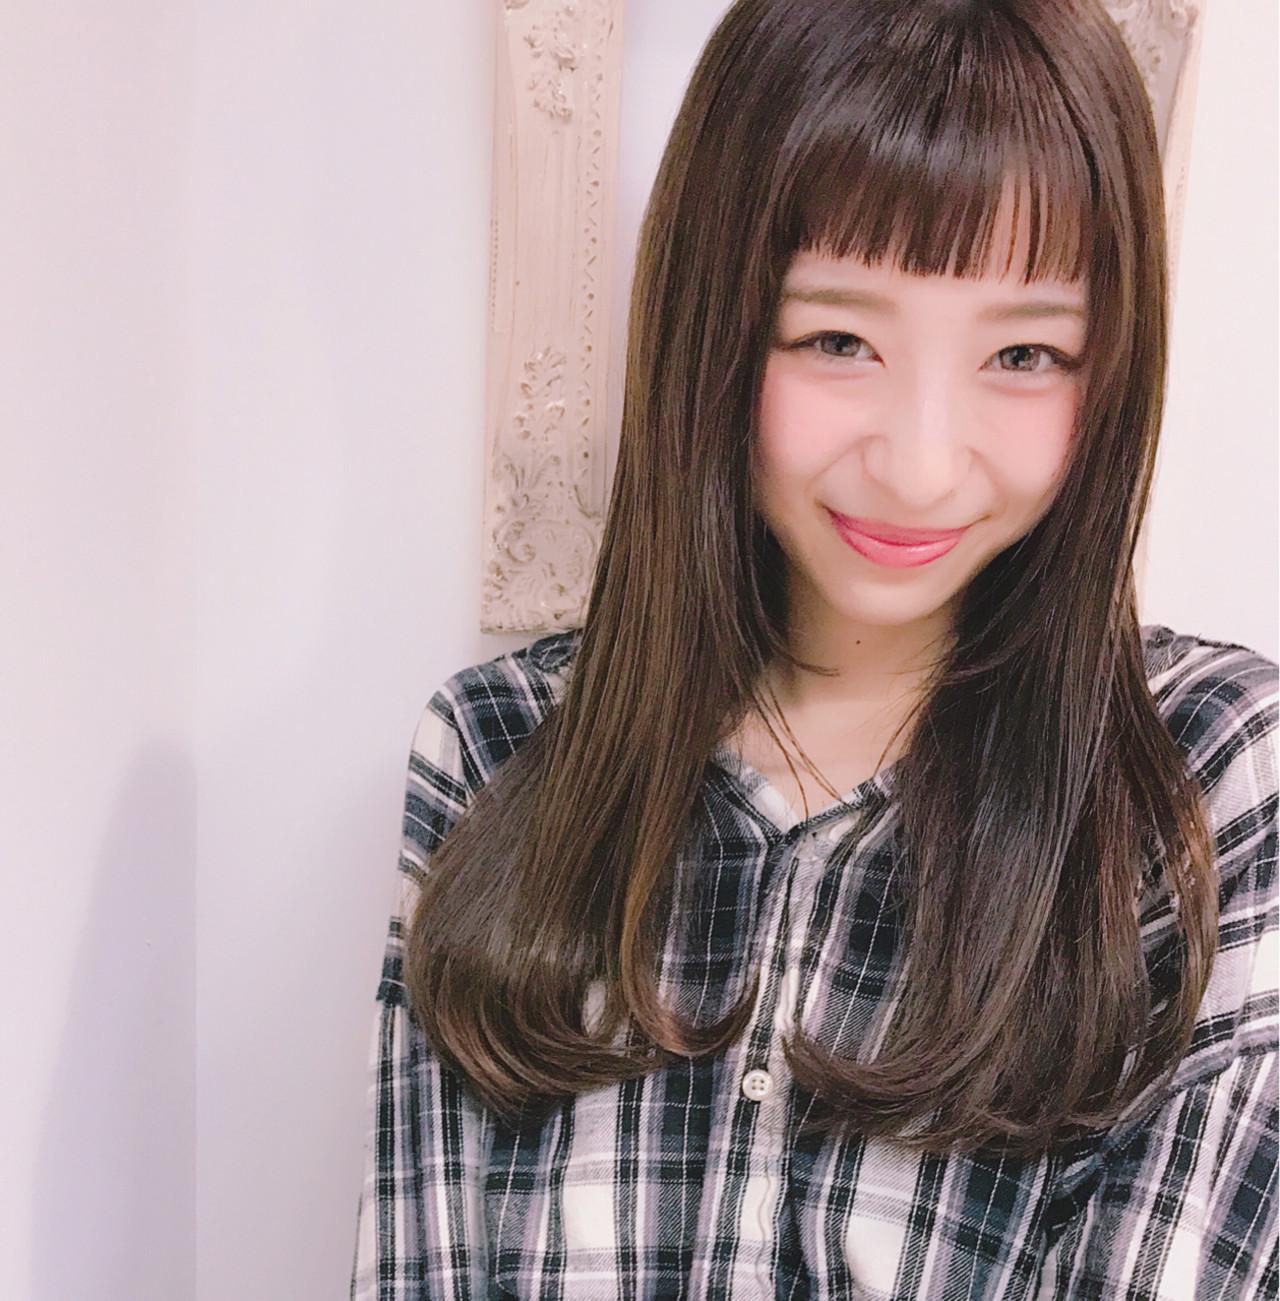 伸ばしかけもOK!オン眉の大人愛されミディアムヘア♡ Wataru Maeda